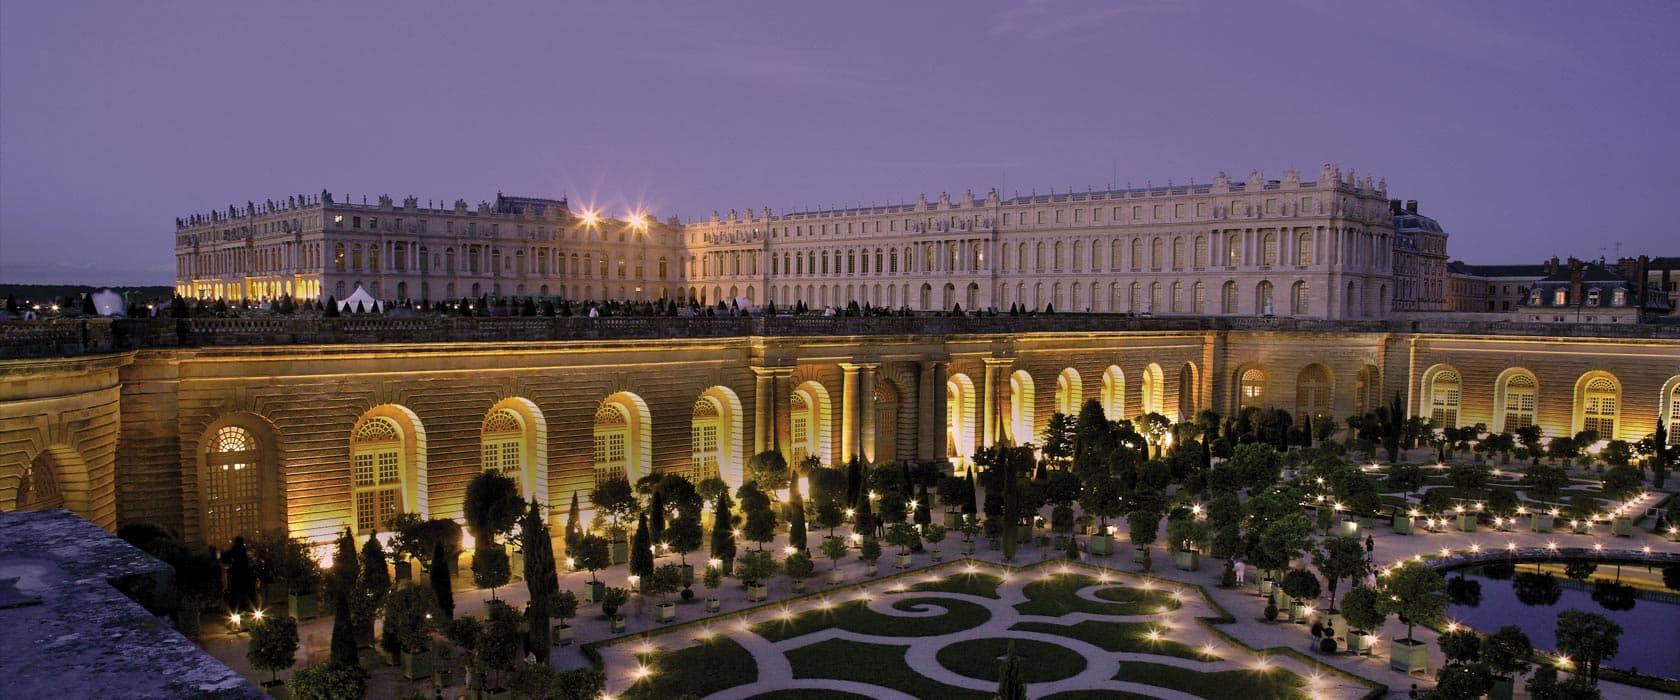 Attractions locales et nouveaut s au trianon palace versailles - Photo chateau de versailles ...